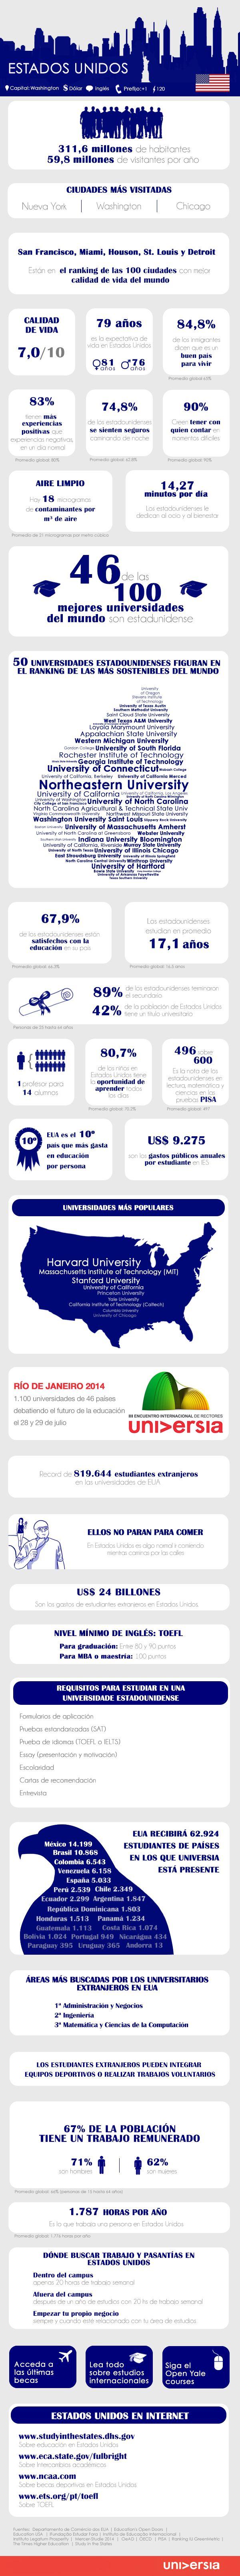 30 claves para estudiar y trabajar en Estados Unidos #infografia